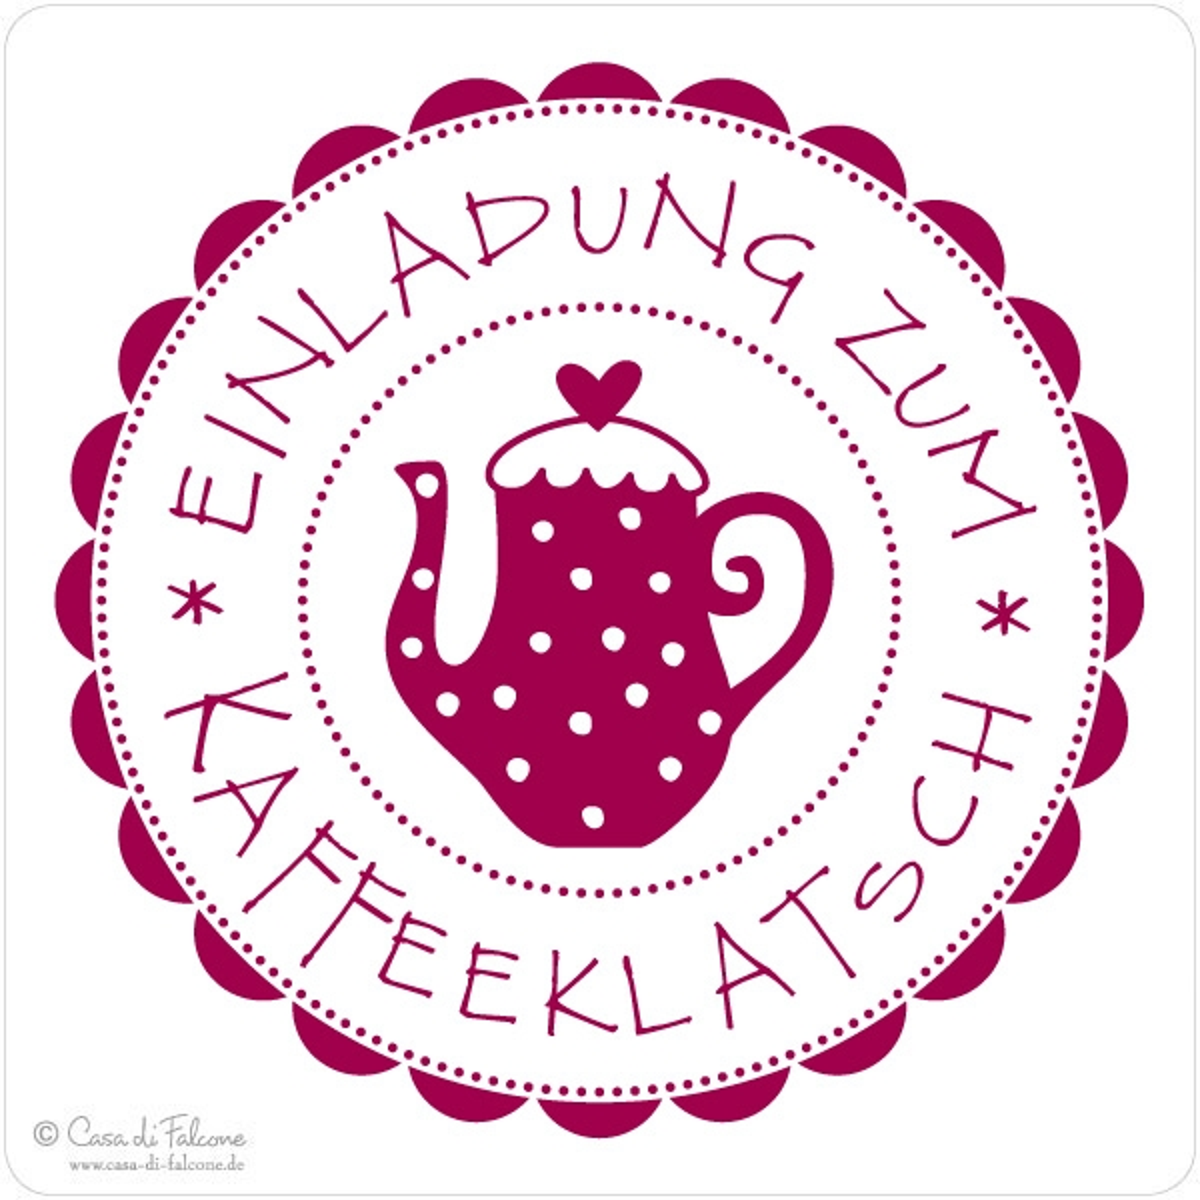 Motivstempel Kaffeeklatsch - Casa di Falcone